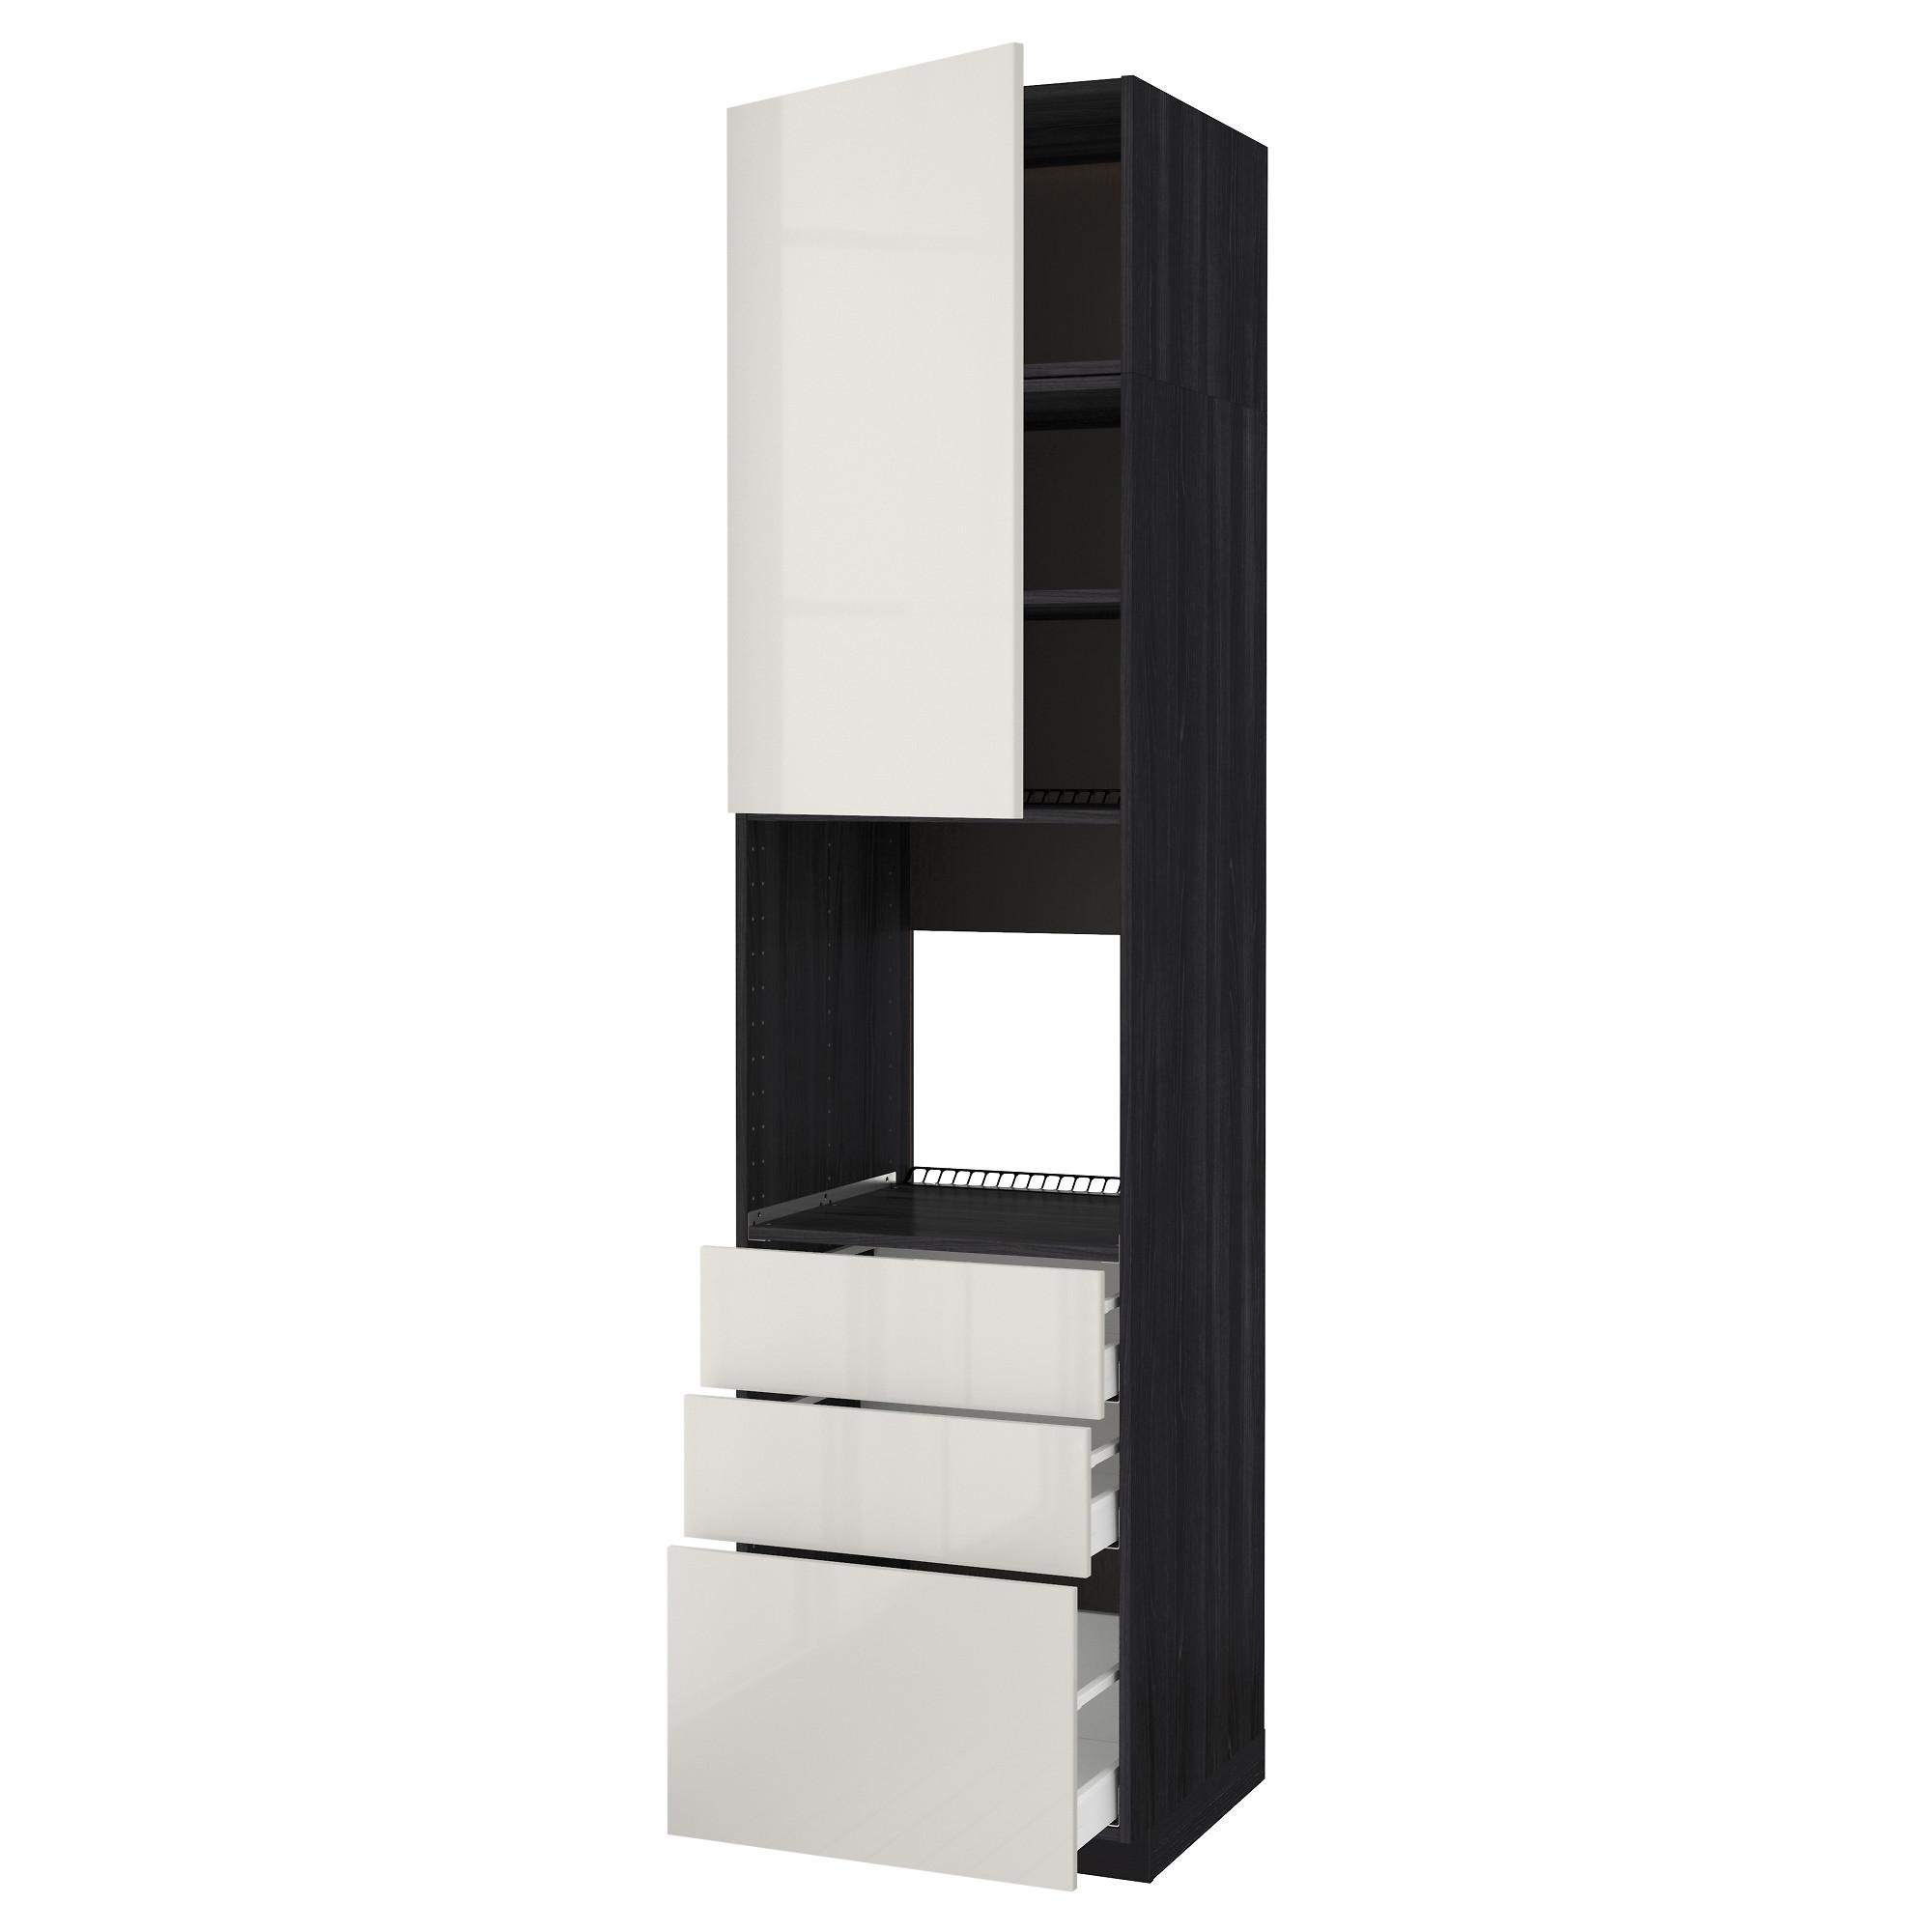 Высокий шкаф для духовки/дверь/3 ящика МЕТОД / МАКСИМЕРА черный артикуль № 092.371.59 в наличии. Интернет магазин ИКЕА РБ. Недорогая доставка и соборка.